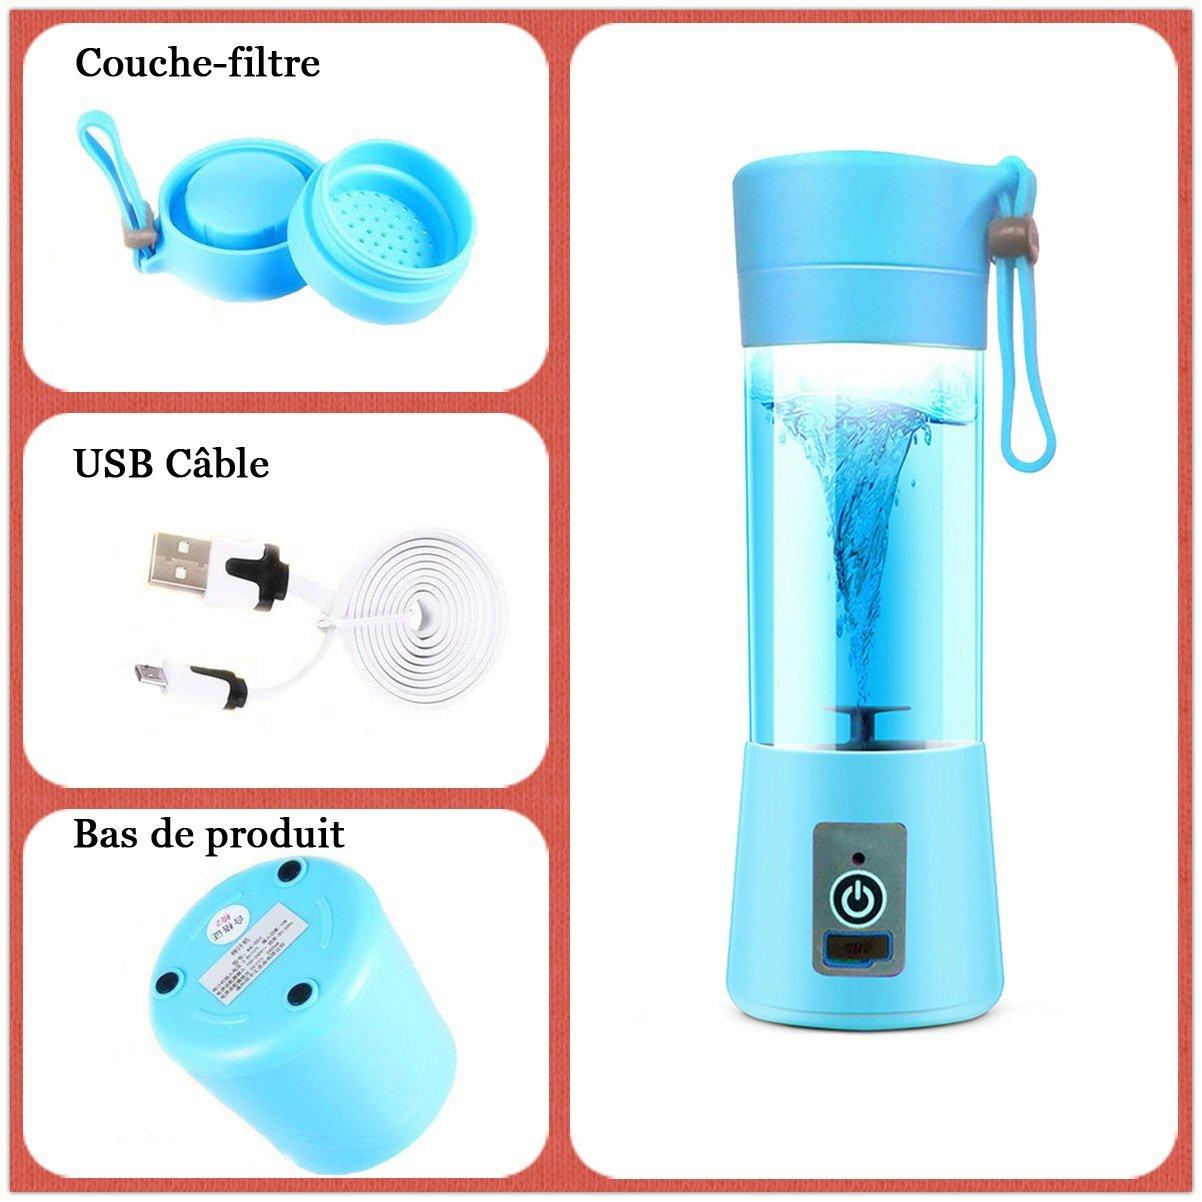 Mini batidora licuadora eléctrica, dutison multifuncional licuadora batidora portátil USB batidora licuadora artículo para Smoothies, zumo de frutas, ...